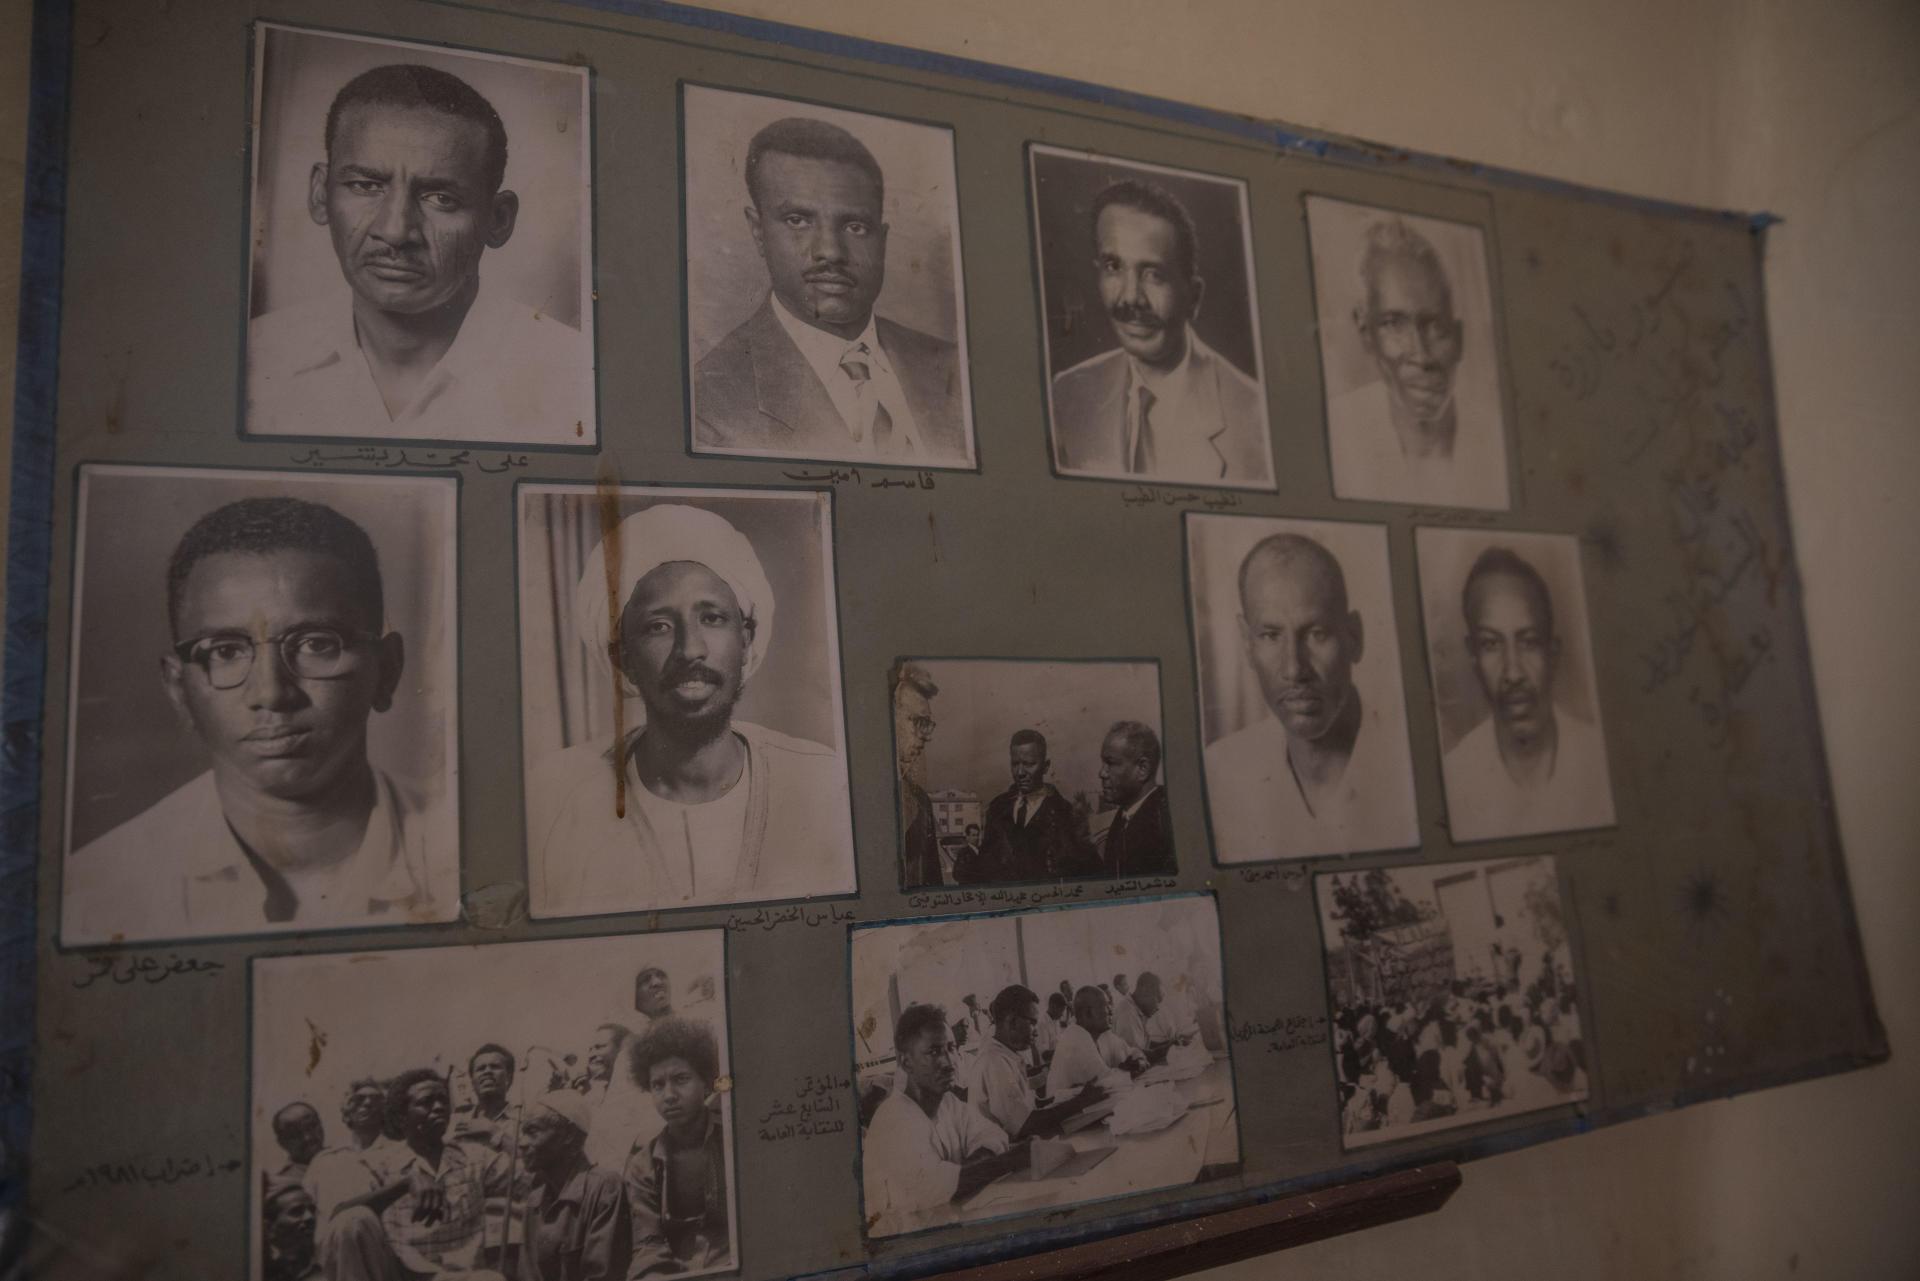 Dans le bureau du principal syndicat des cheminots soudanais, les portraits des dirigeants historiques sont affichés au mur, en avril 2021.